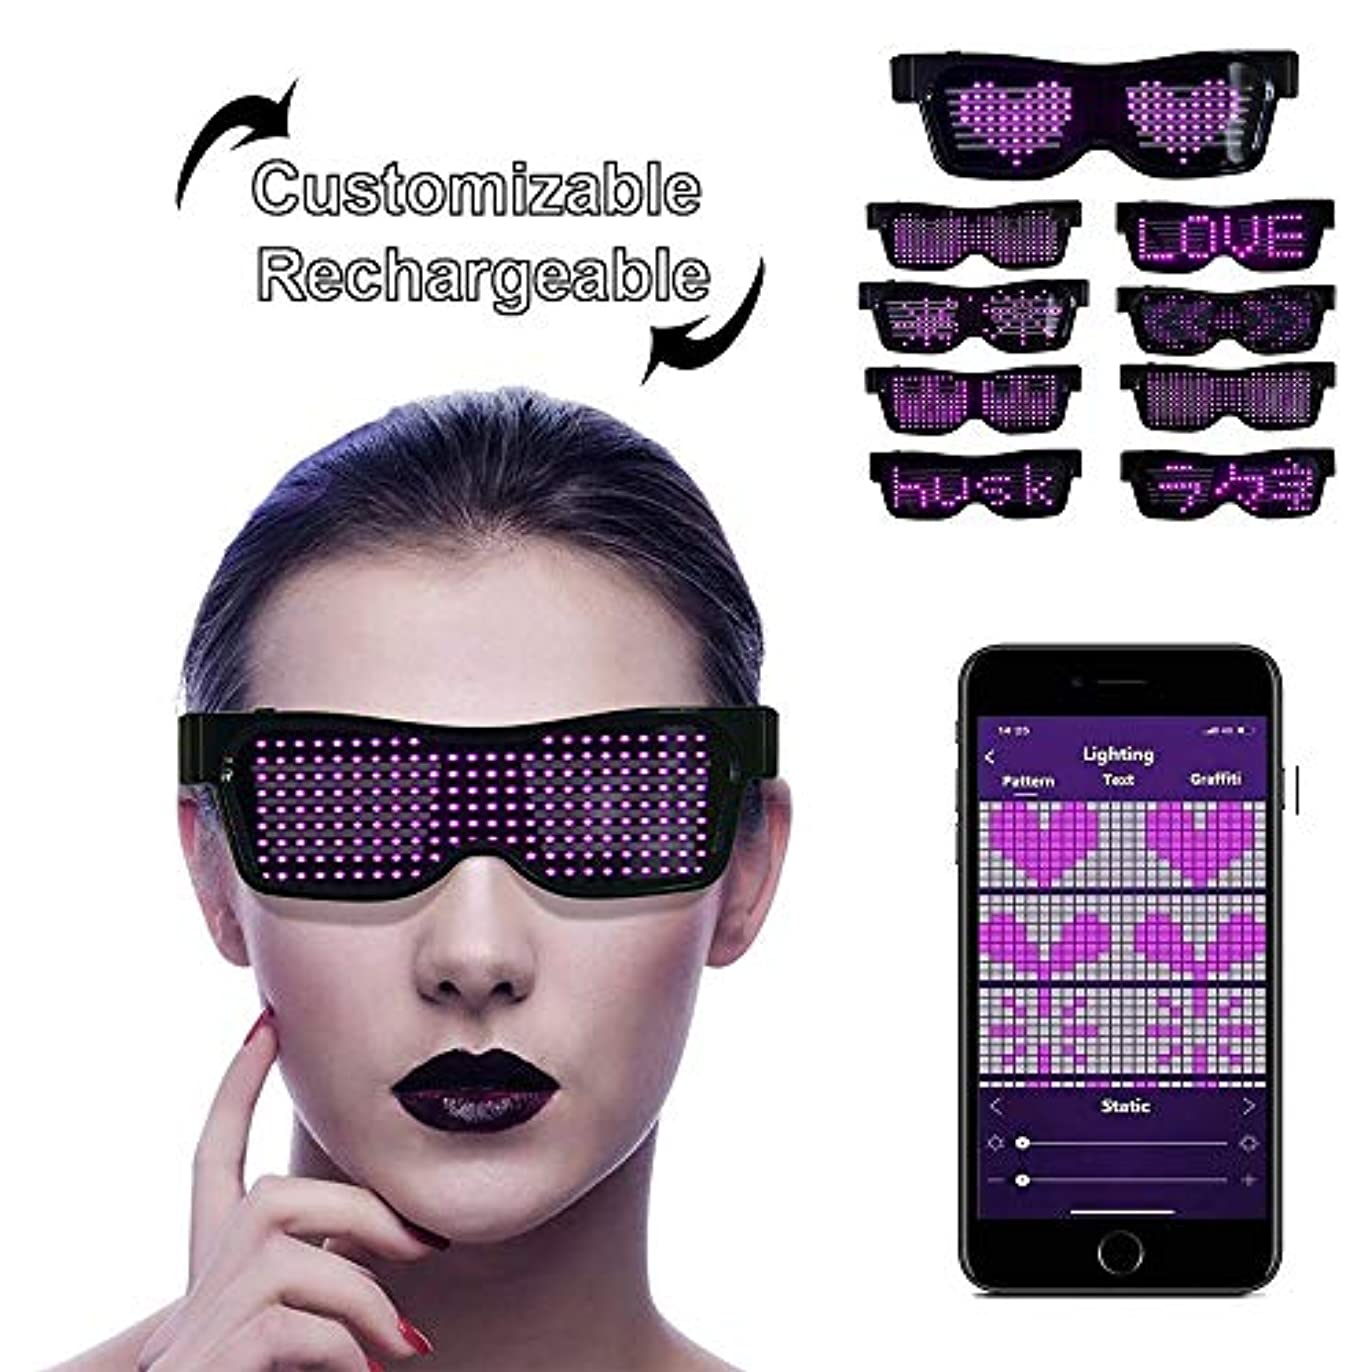 領域パリティ流行LEDサングラス, LEDメガネ ブルートゥースLEDパーティーメガネカスタマイズ可能なLEDメガネUSB充電式9モードワイヤレス点滅LEDディスプレイ、フェスティバル用グロー眼鏡レイヴパーティー